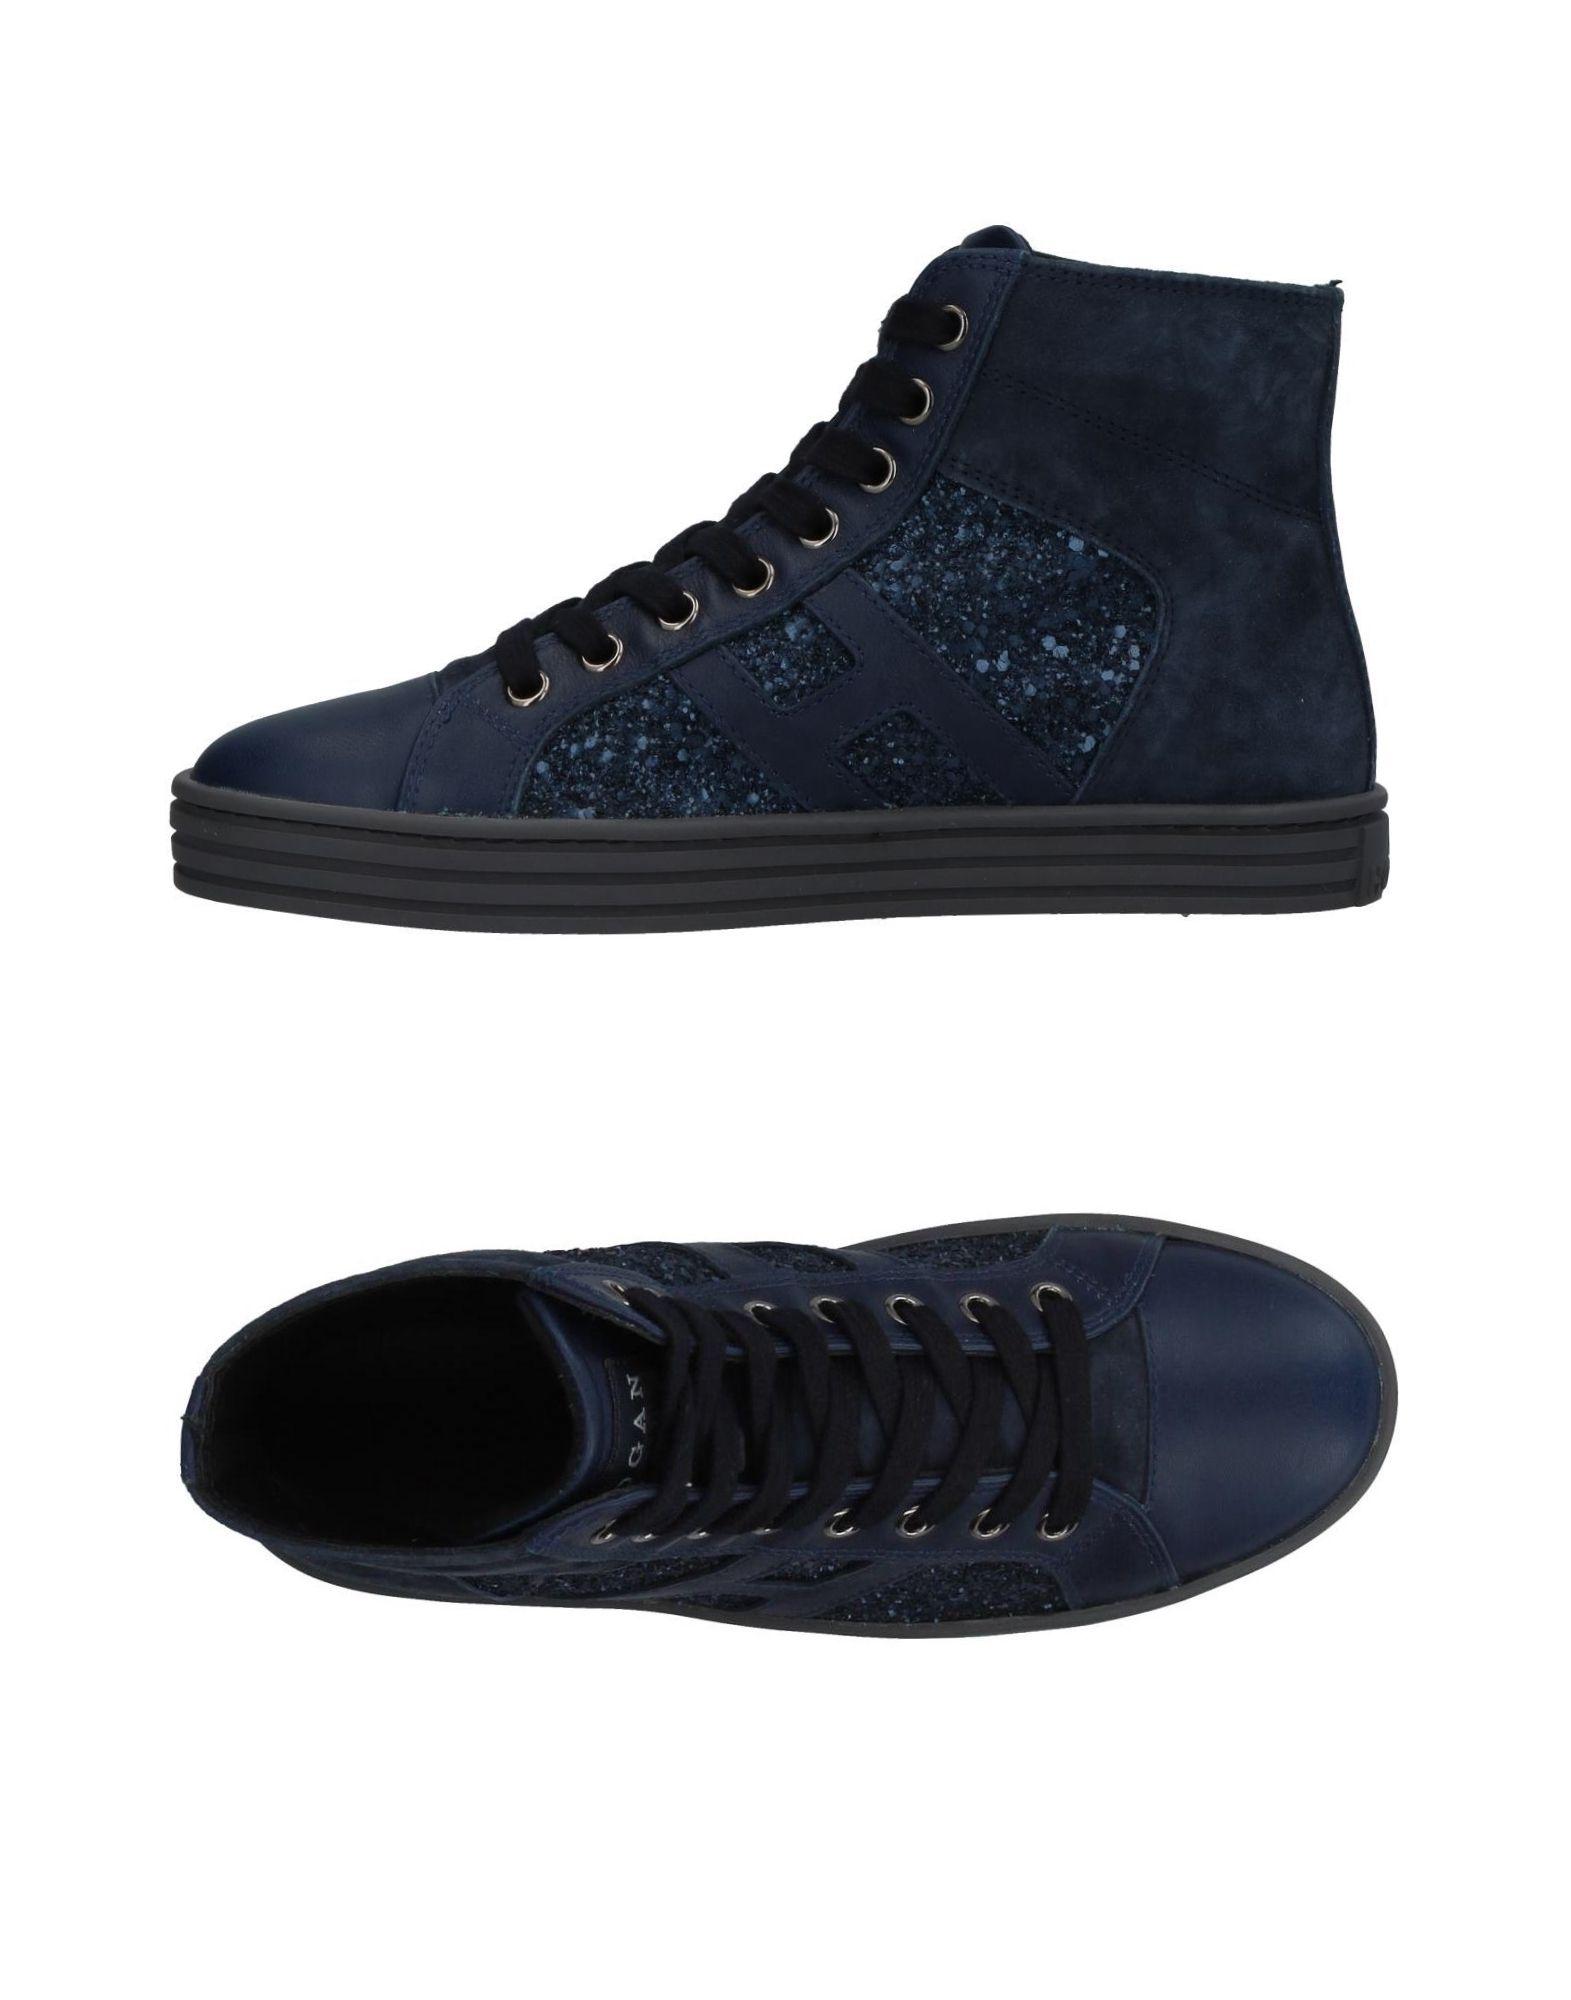 Hogan Damen Rebel Sneakers Damen Hogan  11400869SR Neue Schuhe 817811